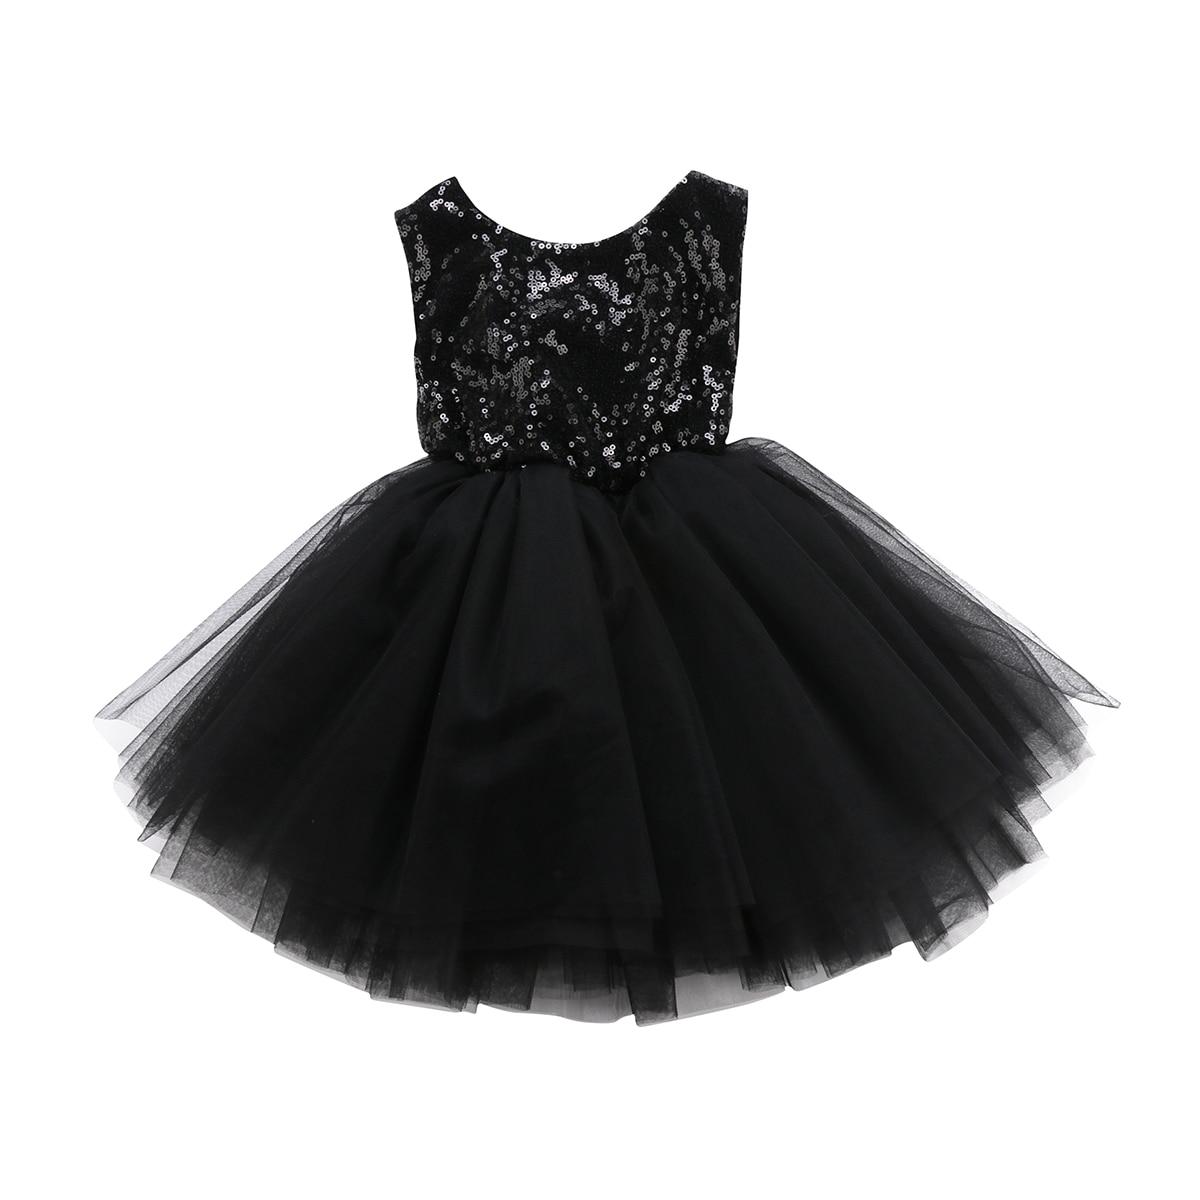 Backless Prinzessin Kinder Baby Blume Mädchen Kleidung Party Pailletten Kleid Ärmel Tutu Mini Tiered Mini Kleider Mädchen